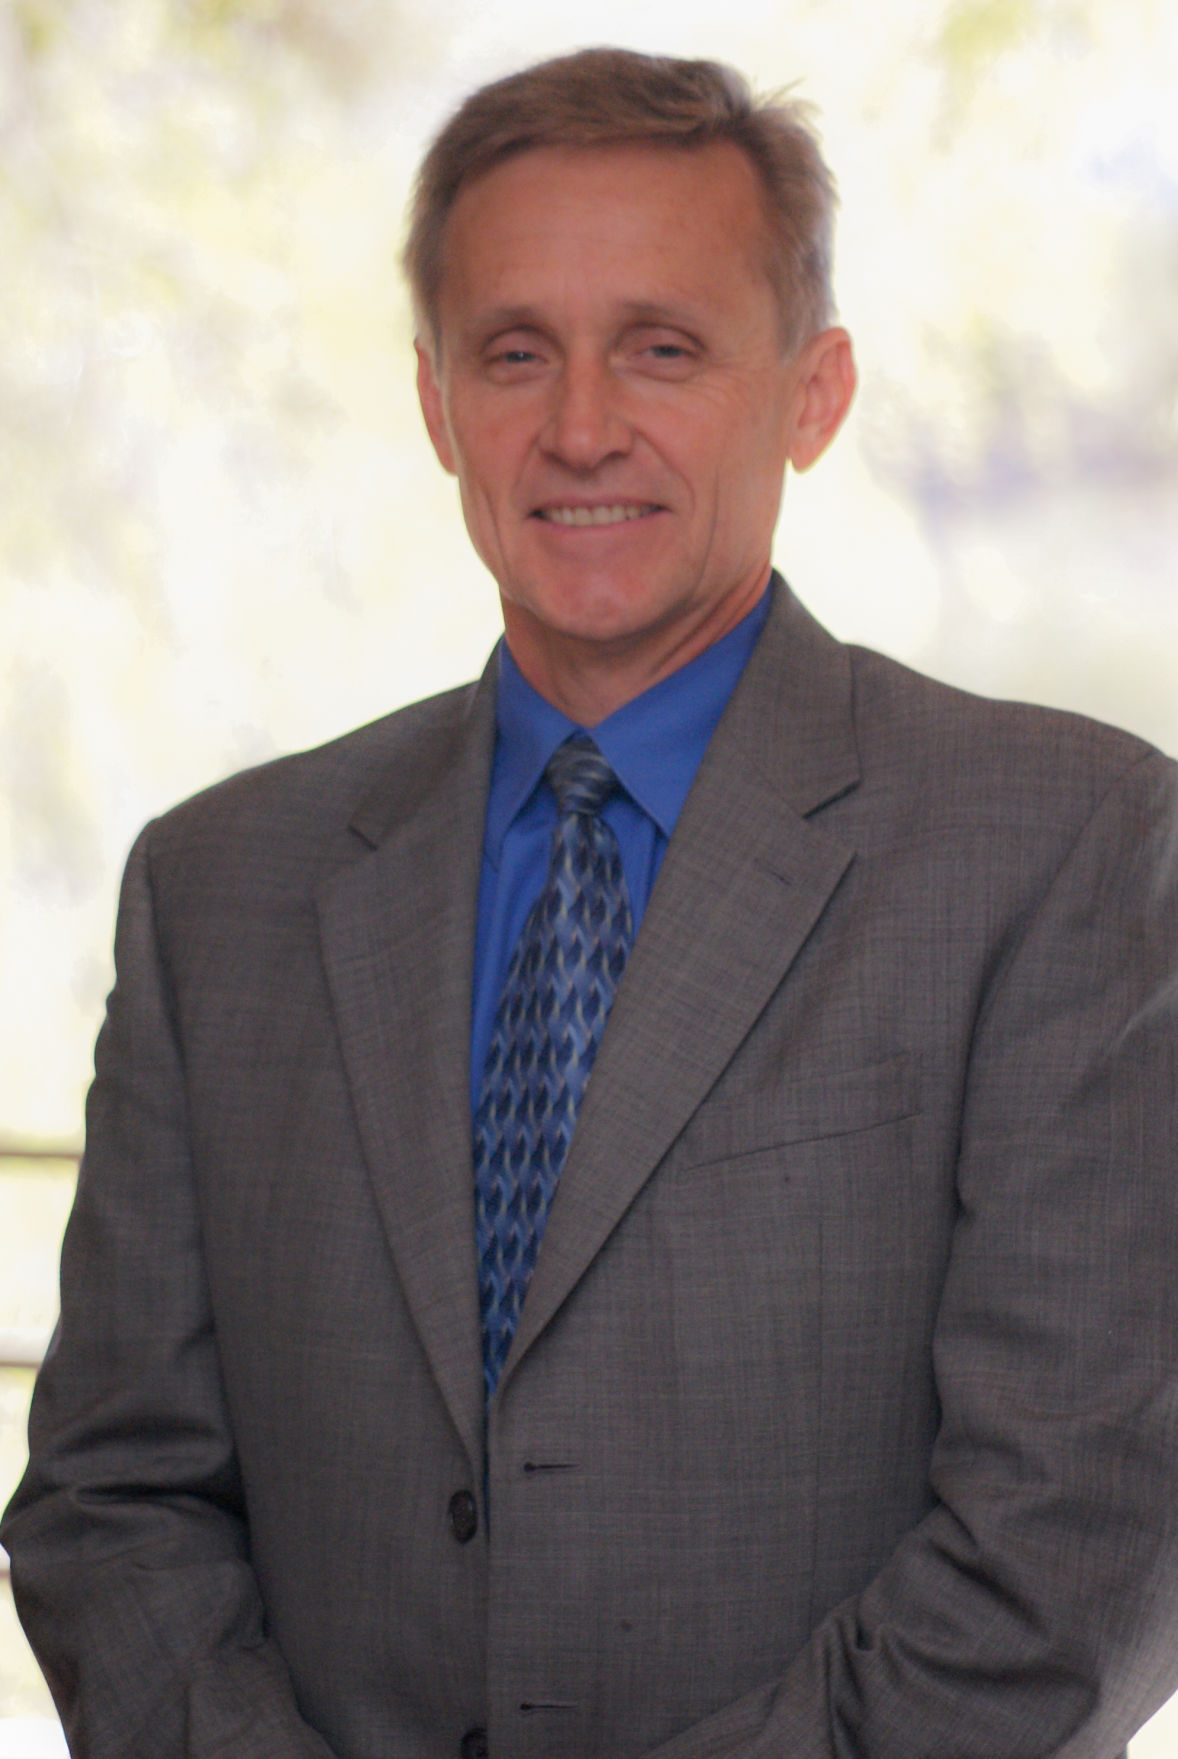 Stephen Trejo